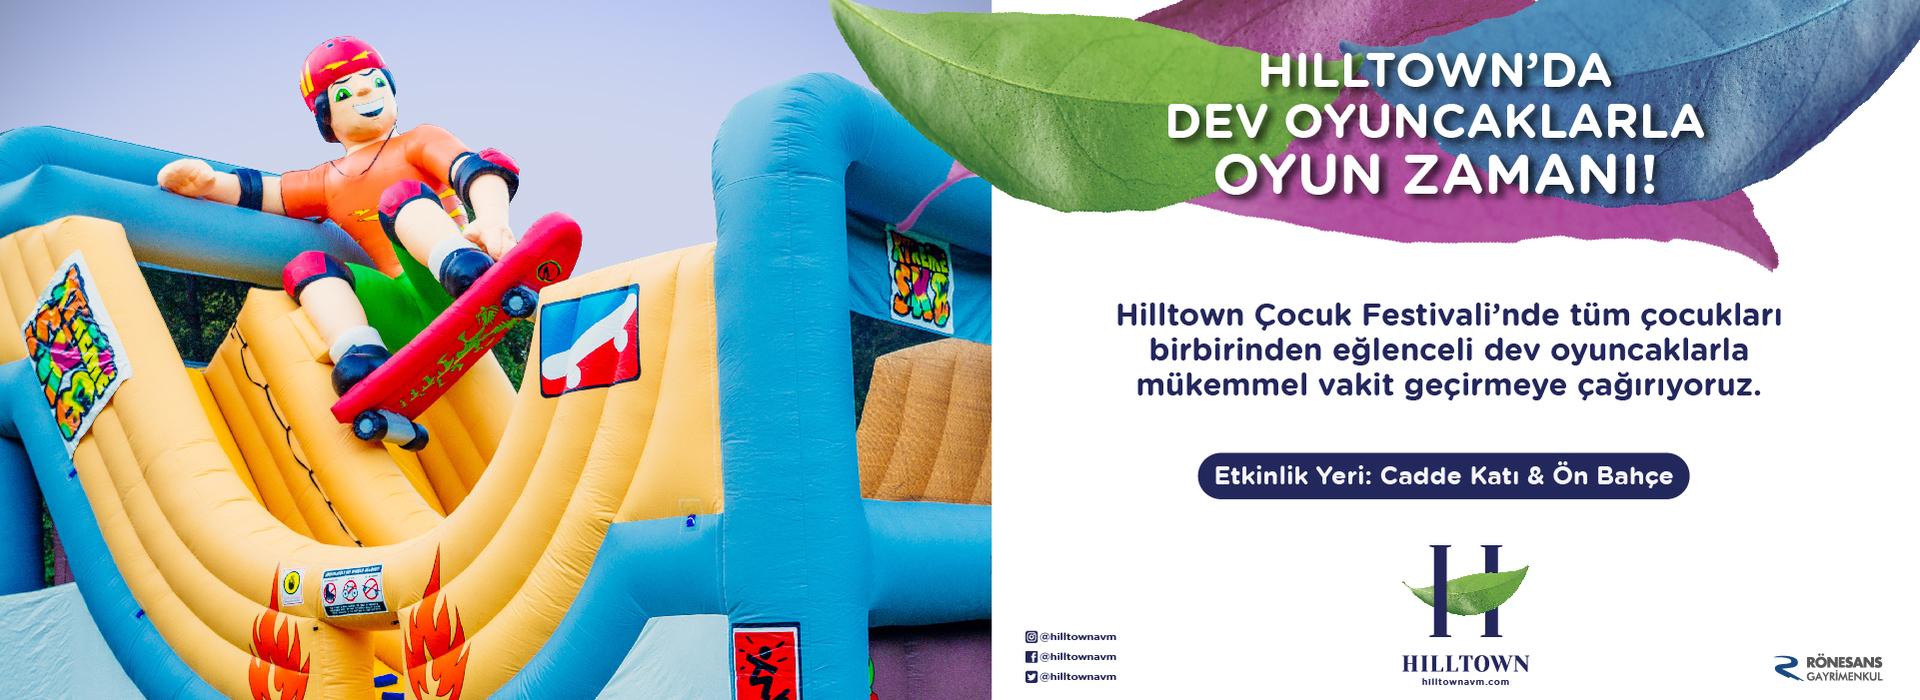 Hilltown'da Dev Oyuncaklarla Oyun Zamanı